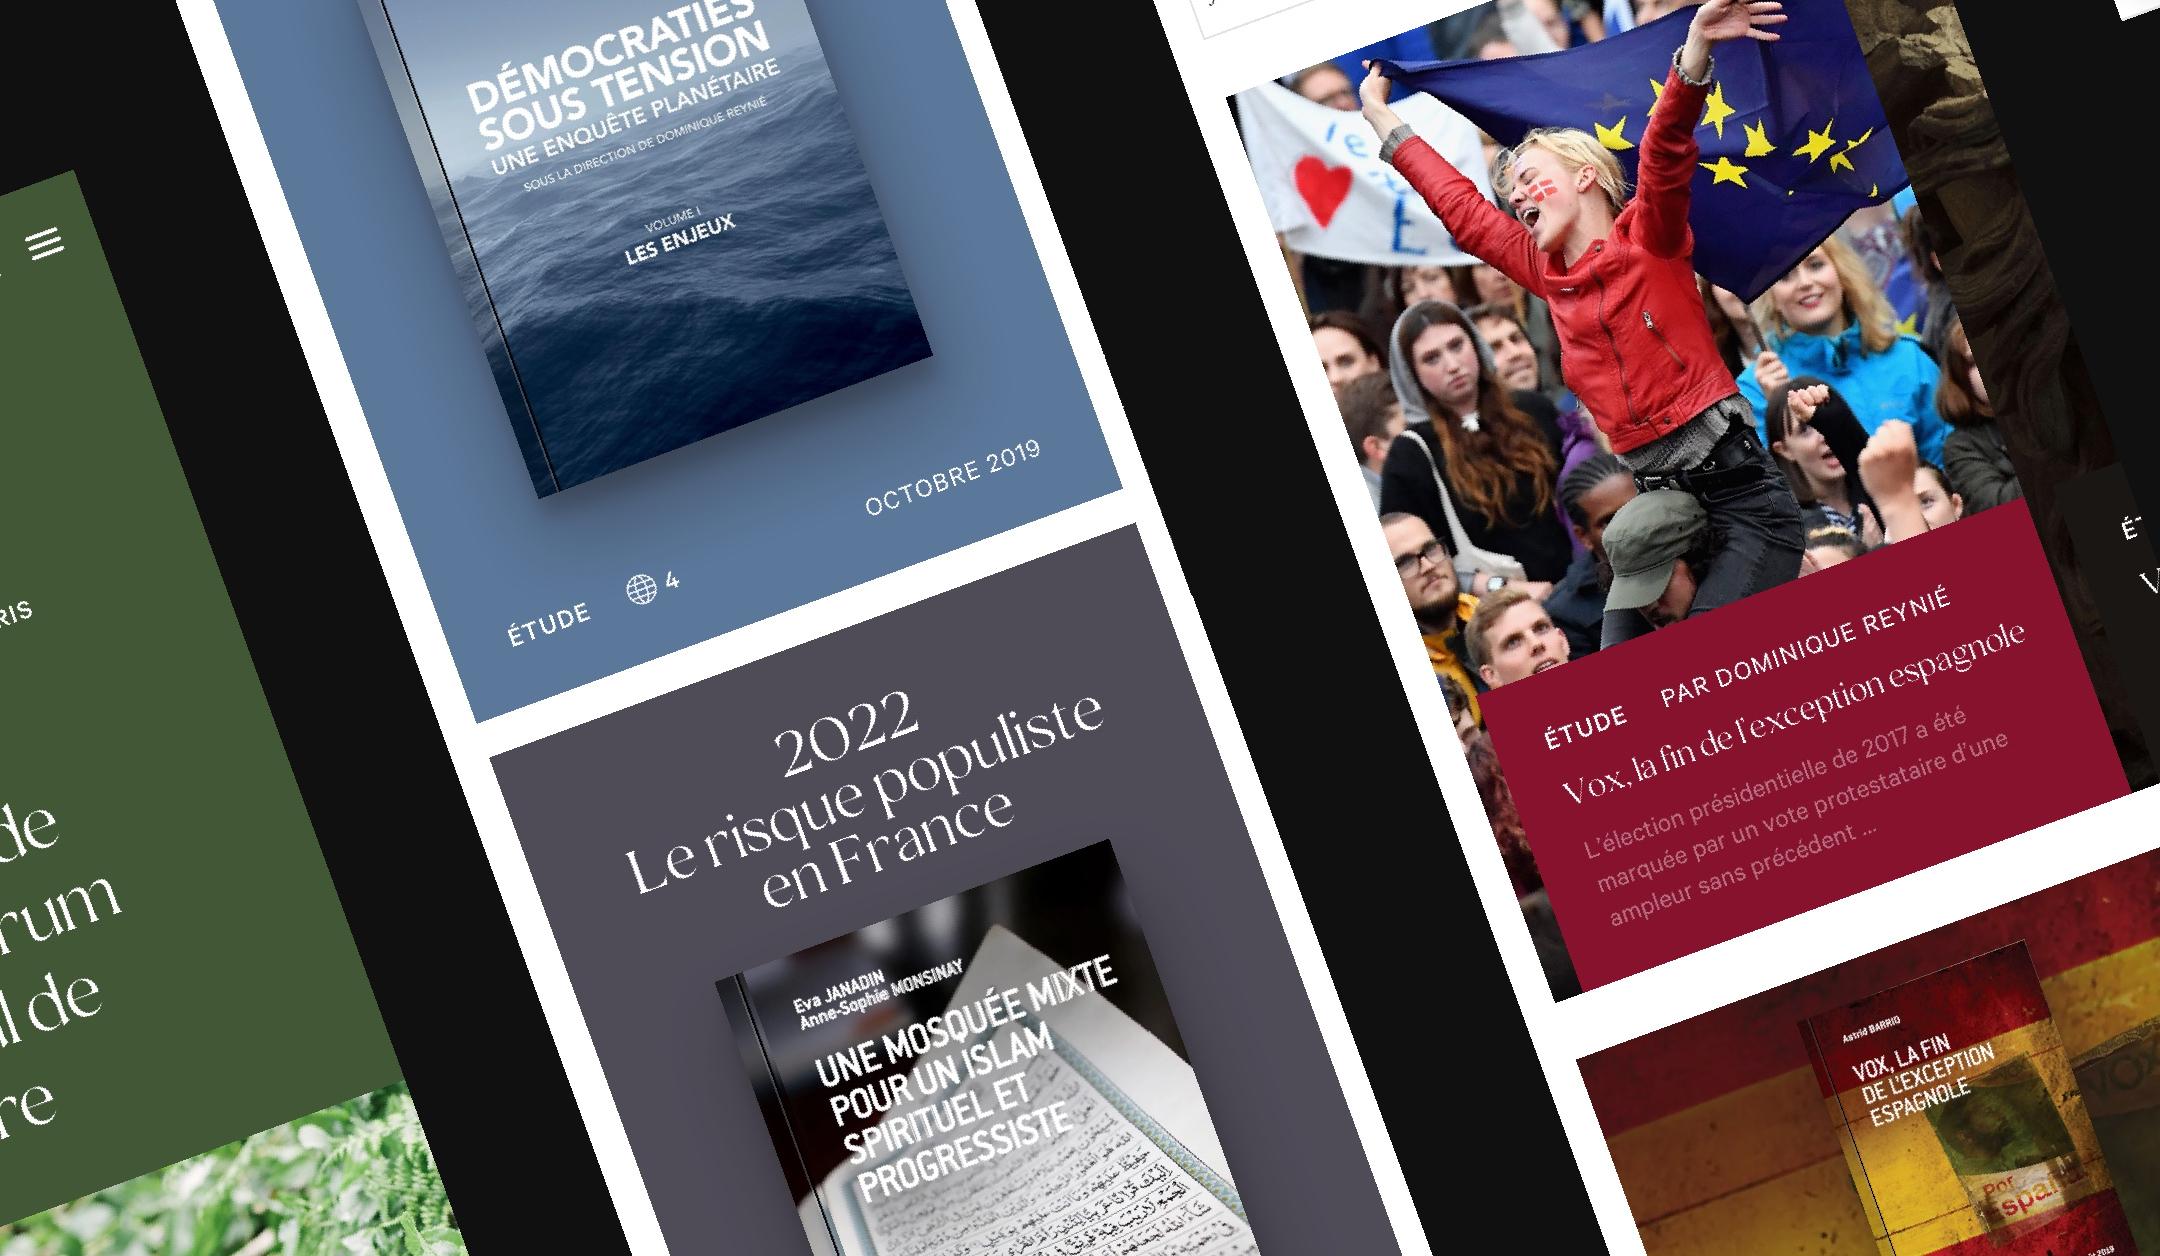 Fondapol - Plateforme de publication de contenus - Stratégie digitale